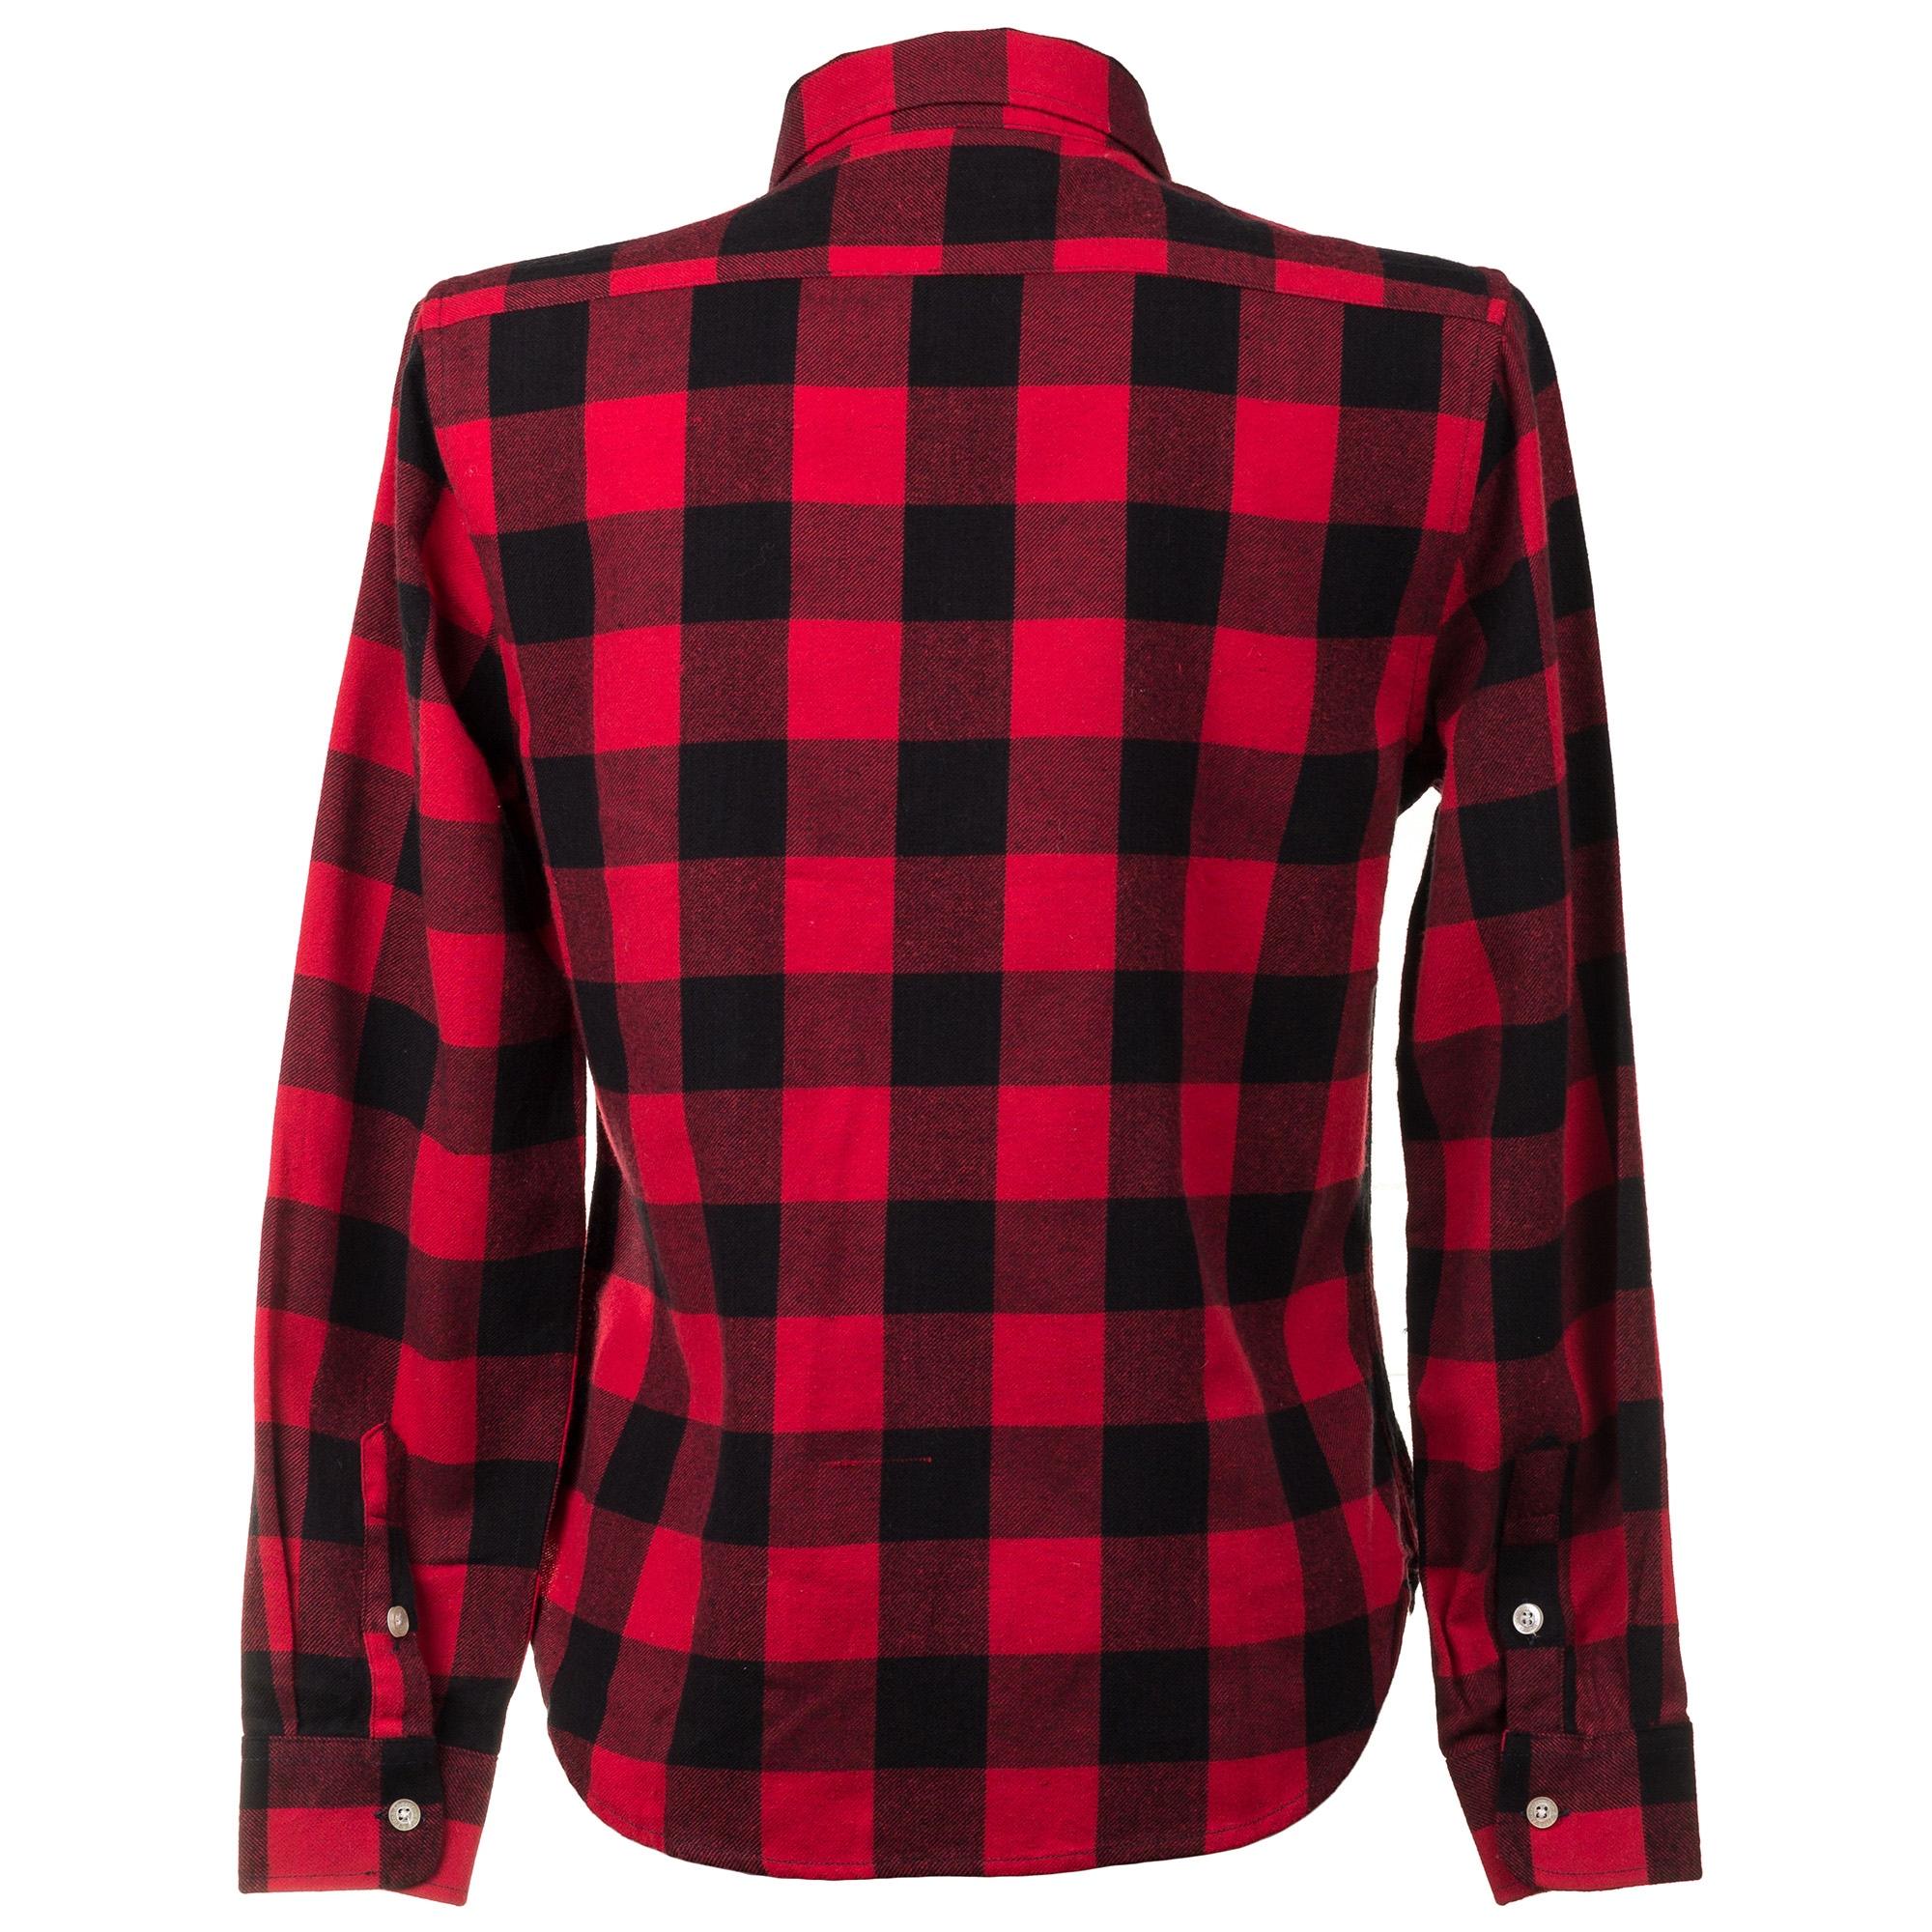 88d947f8902 Женская рубашка Abercrombie   Fitch в красную клетку  купить женские ...